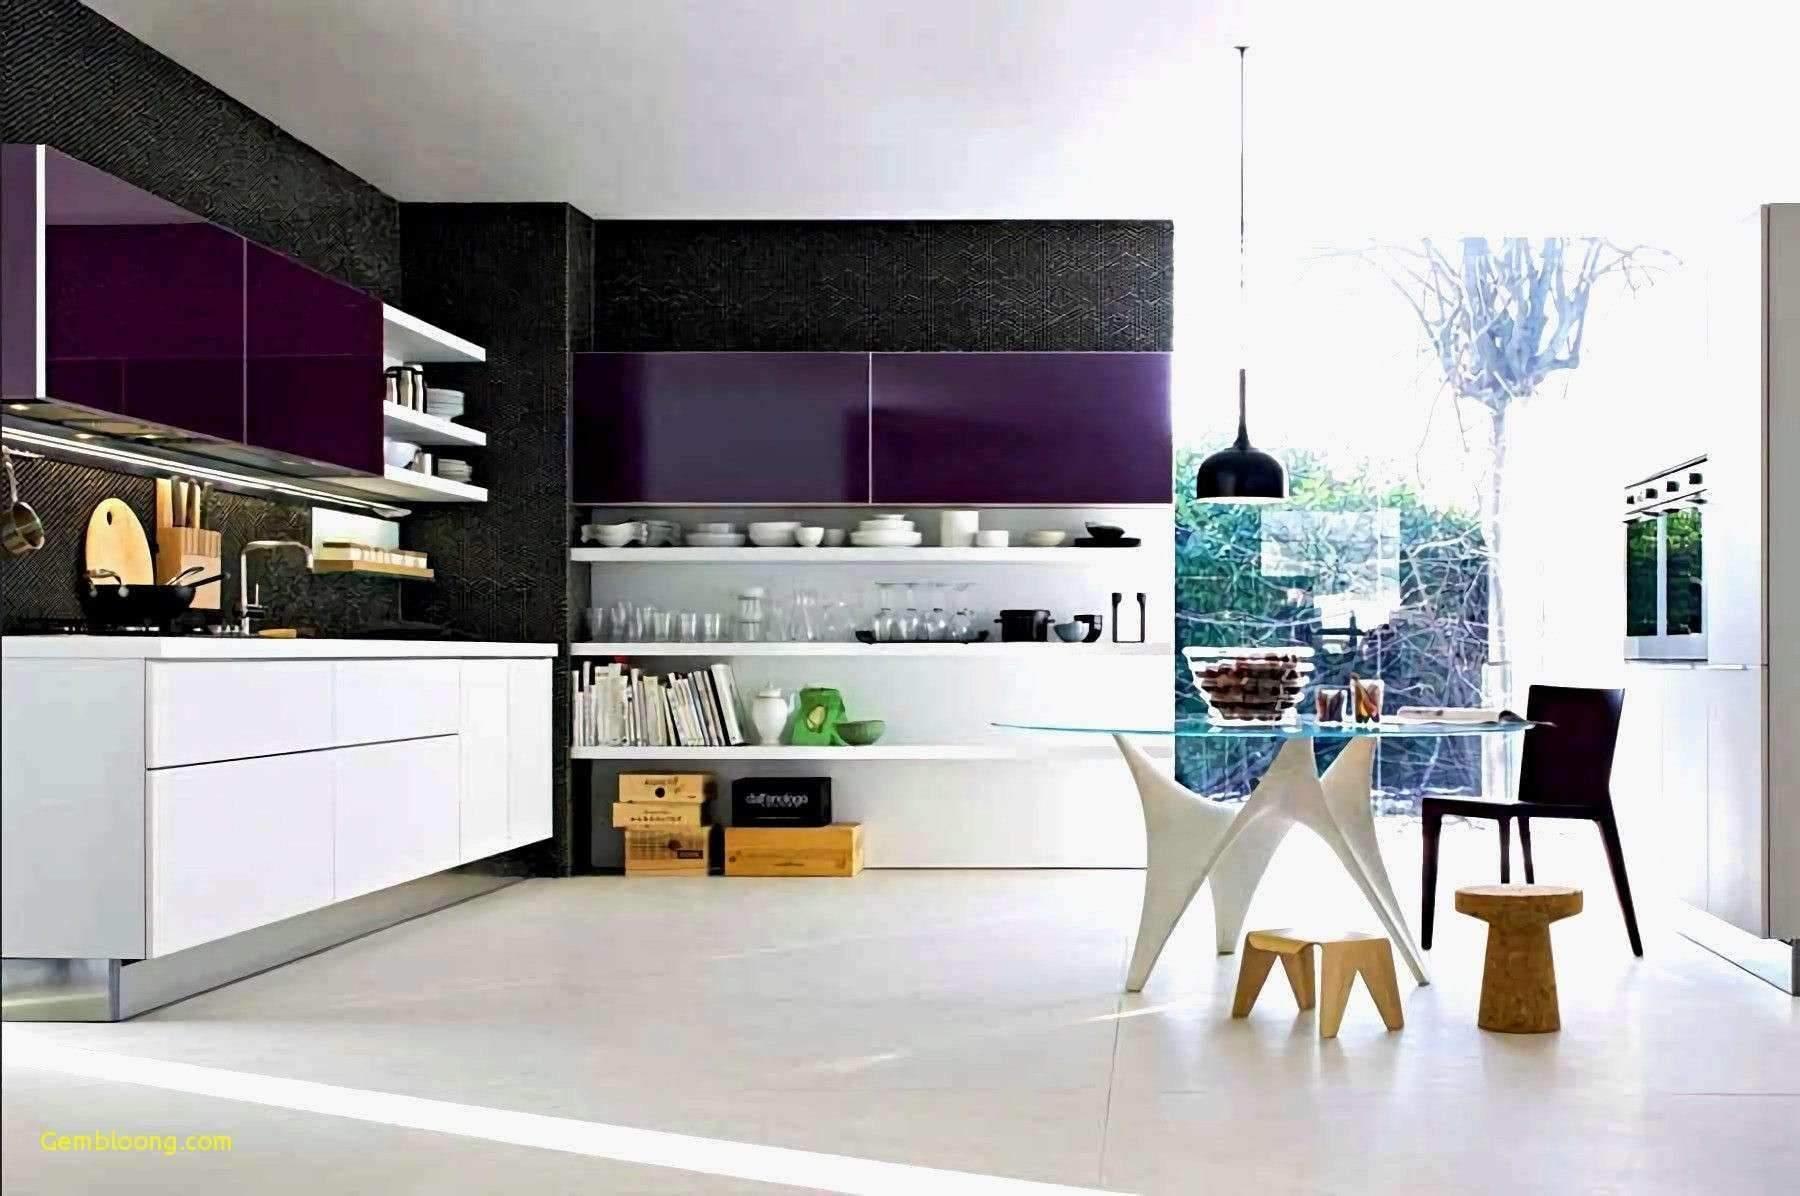 garten landhausstil einzigartig bilder modern wohnzimmer frisch bilder modern wohnzimmer of garten landhausstil